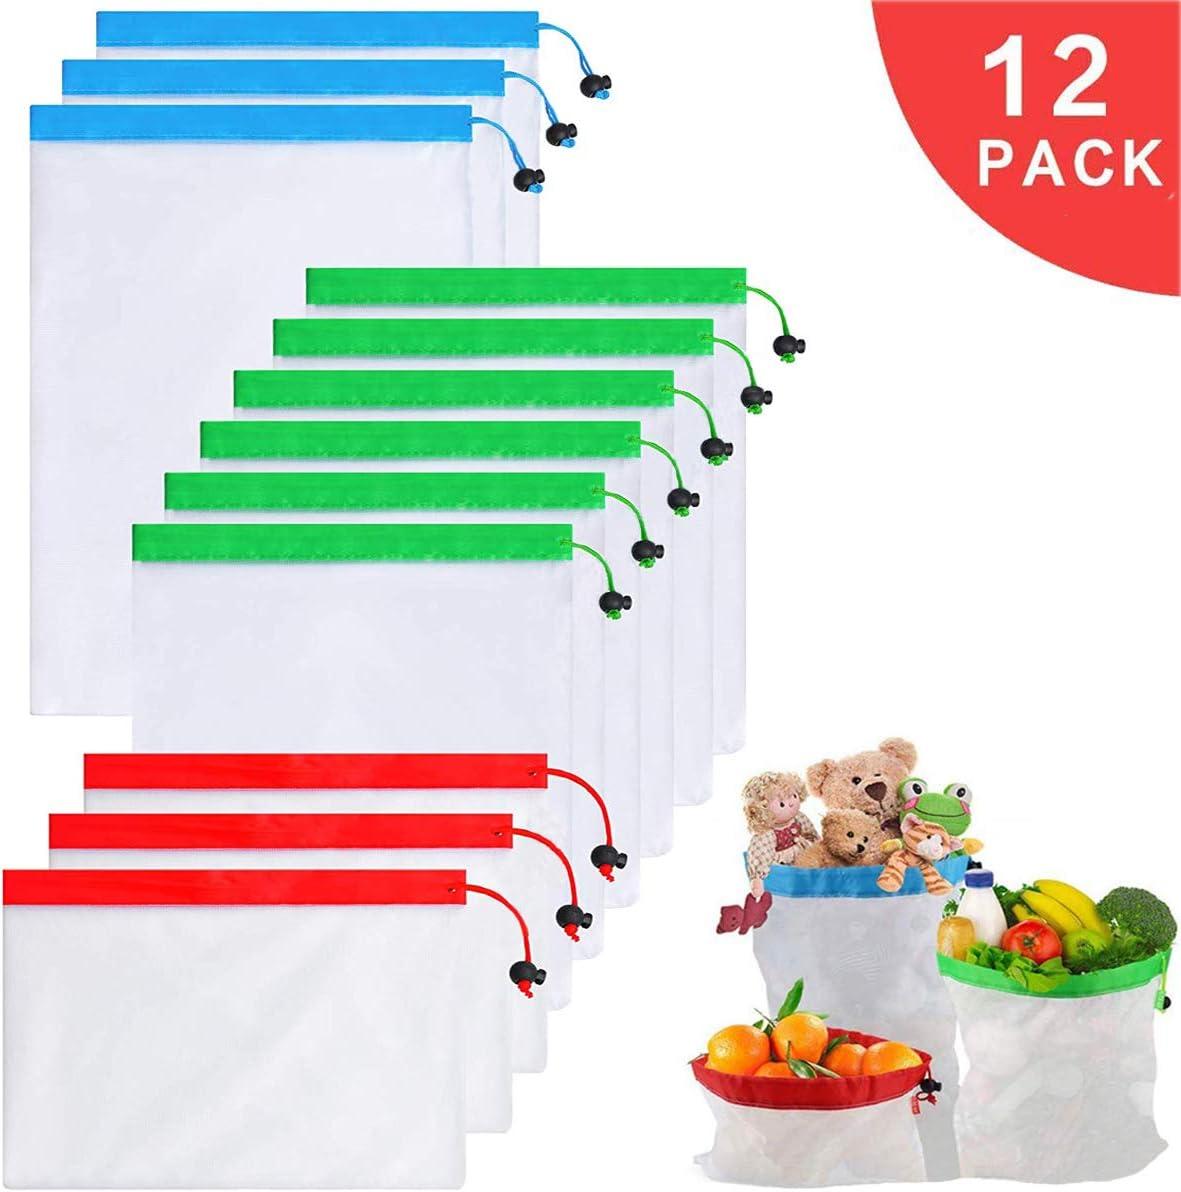 giocattoli,alimentari e supermercati,3 formati 8x12 pollici,14x12 pollici,17x12 pollici Borse riutilizzabili per la produzione di maglie,borse in rete ecologiche lavabili 12PCS per frutta,verdura